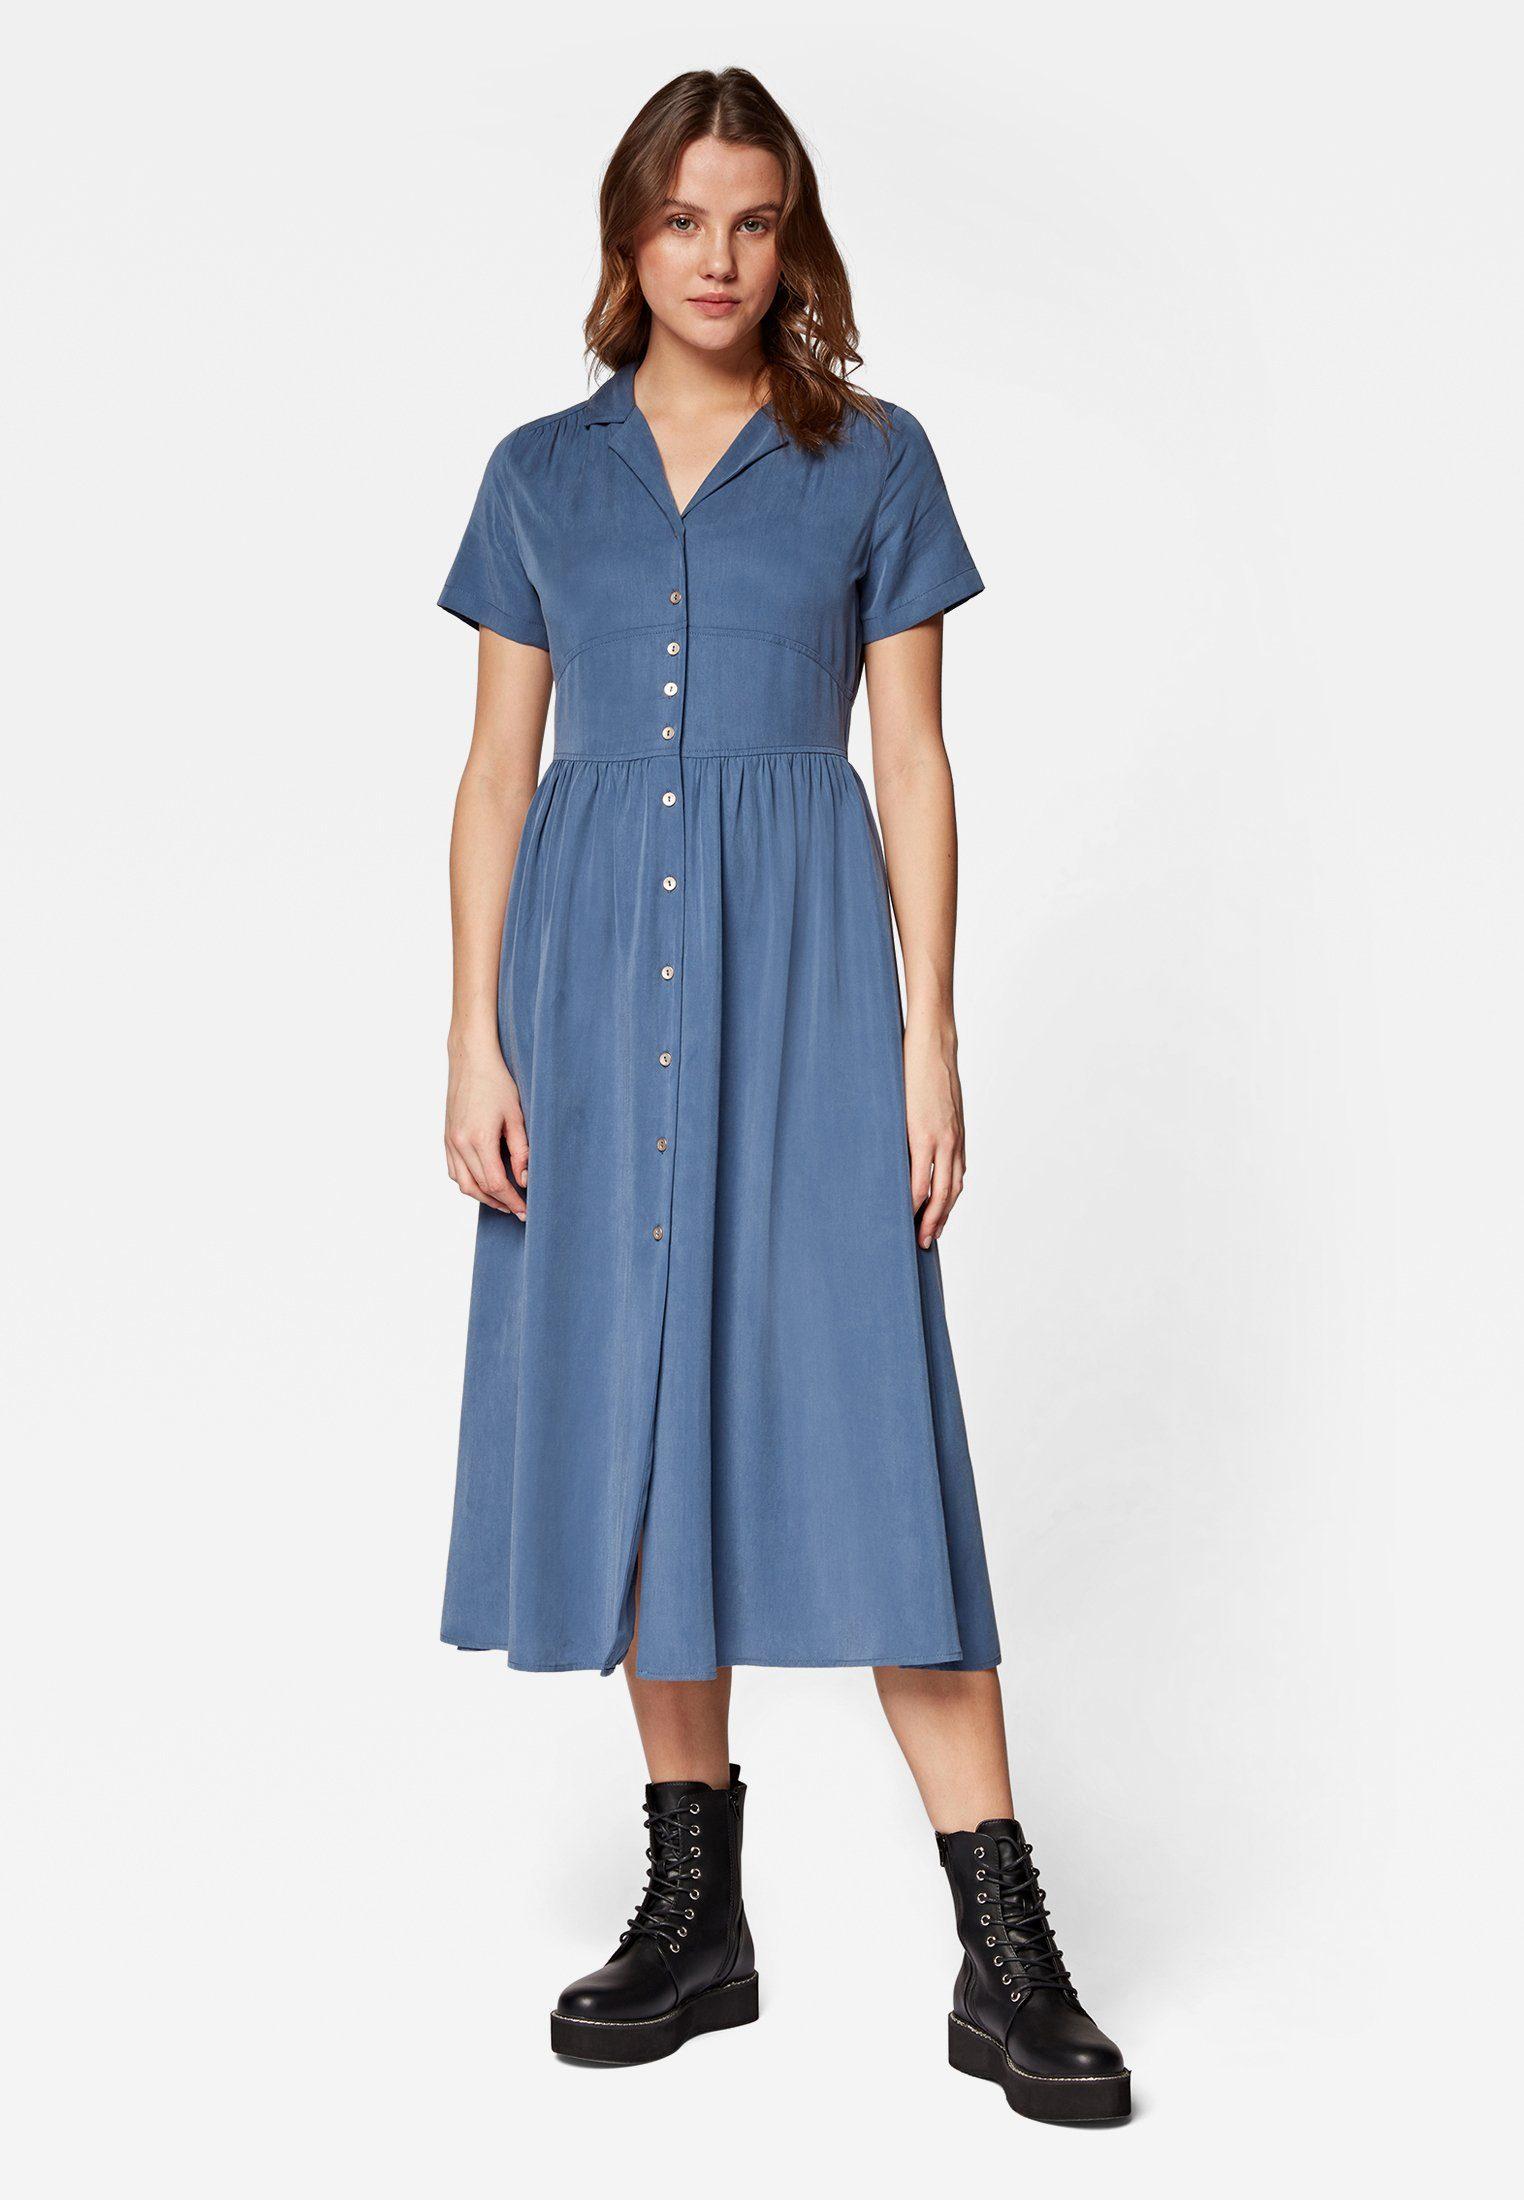 Mavi Jeanskleid DENIM DRESS Jeanskleid, Lässiges Midi-Kleid mit kurzen Ärmeln